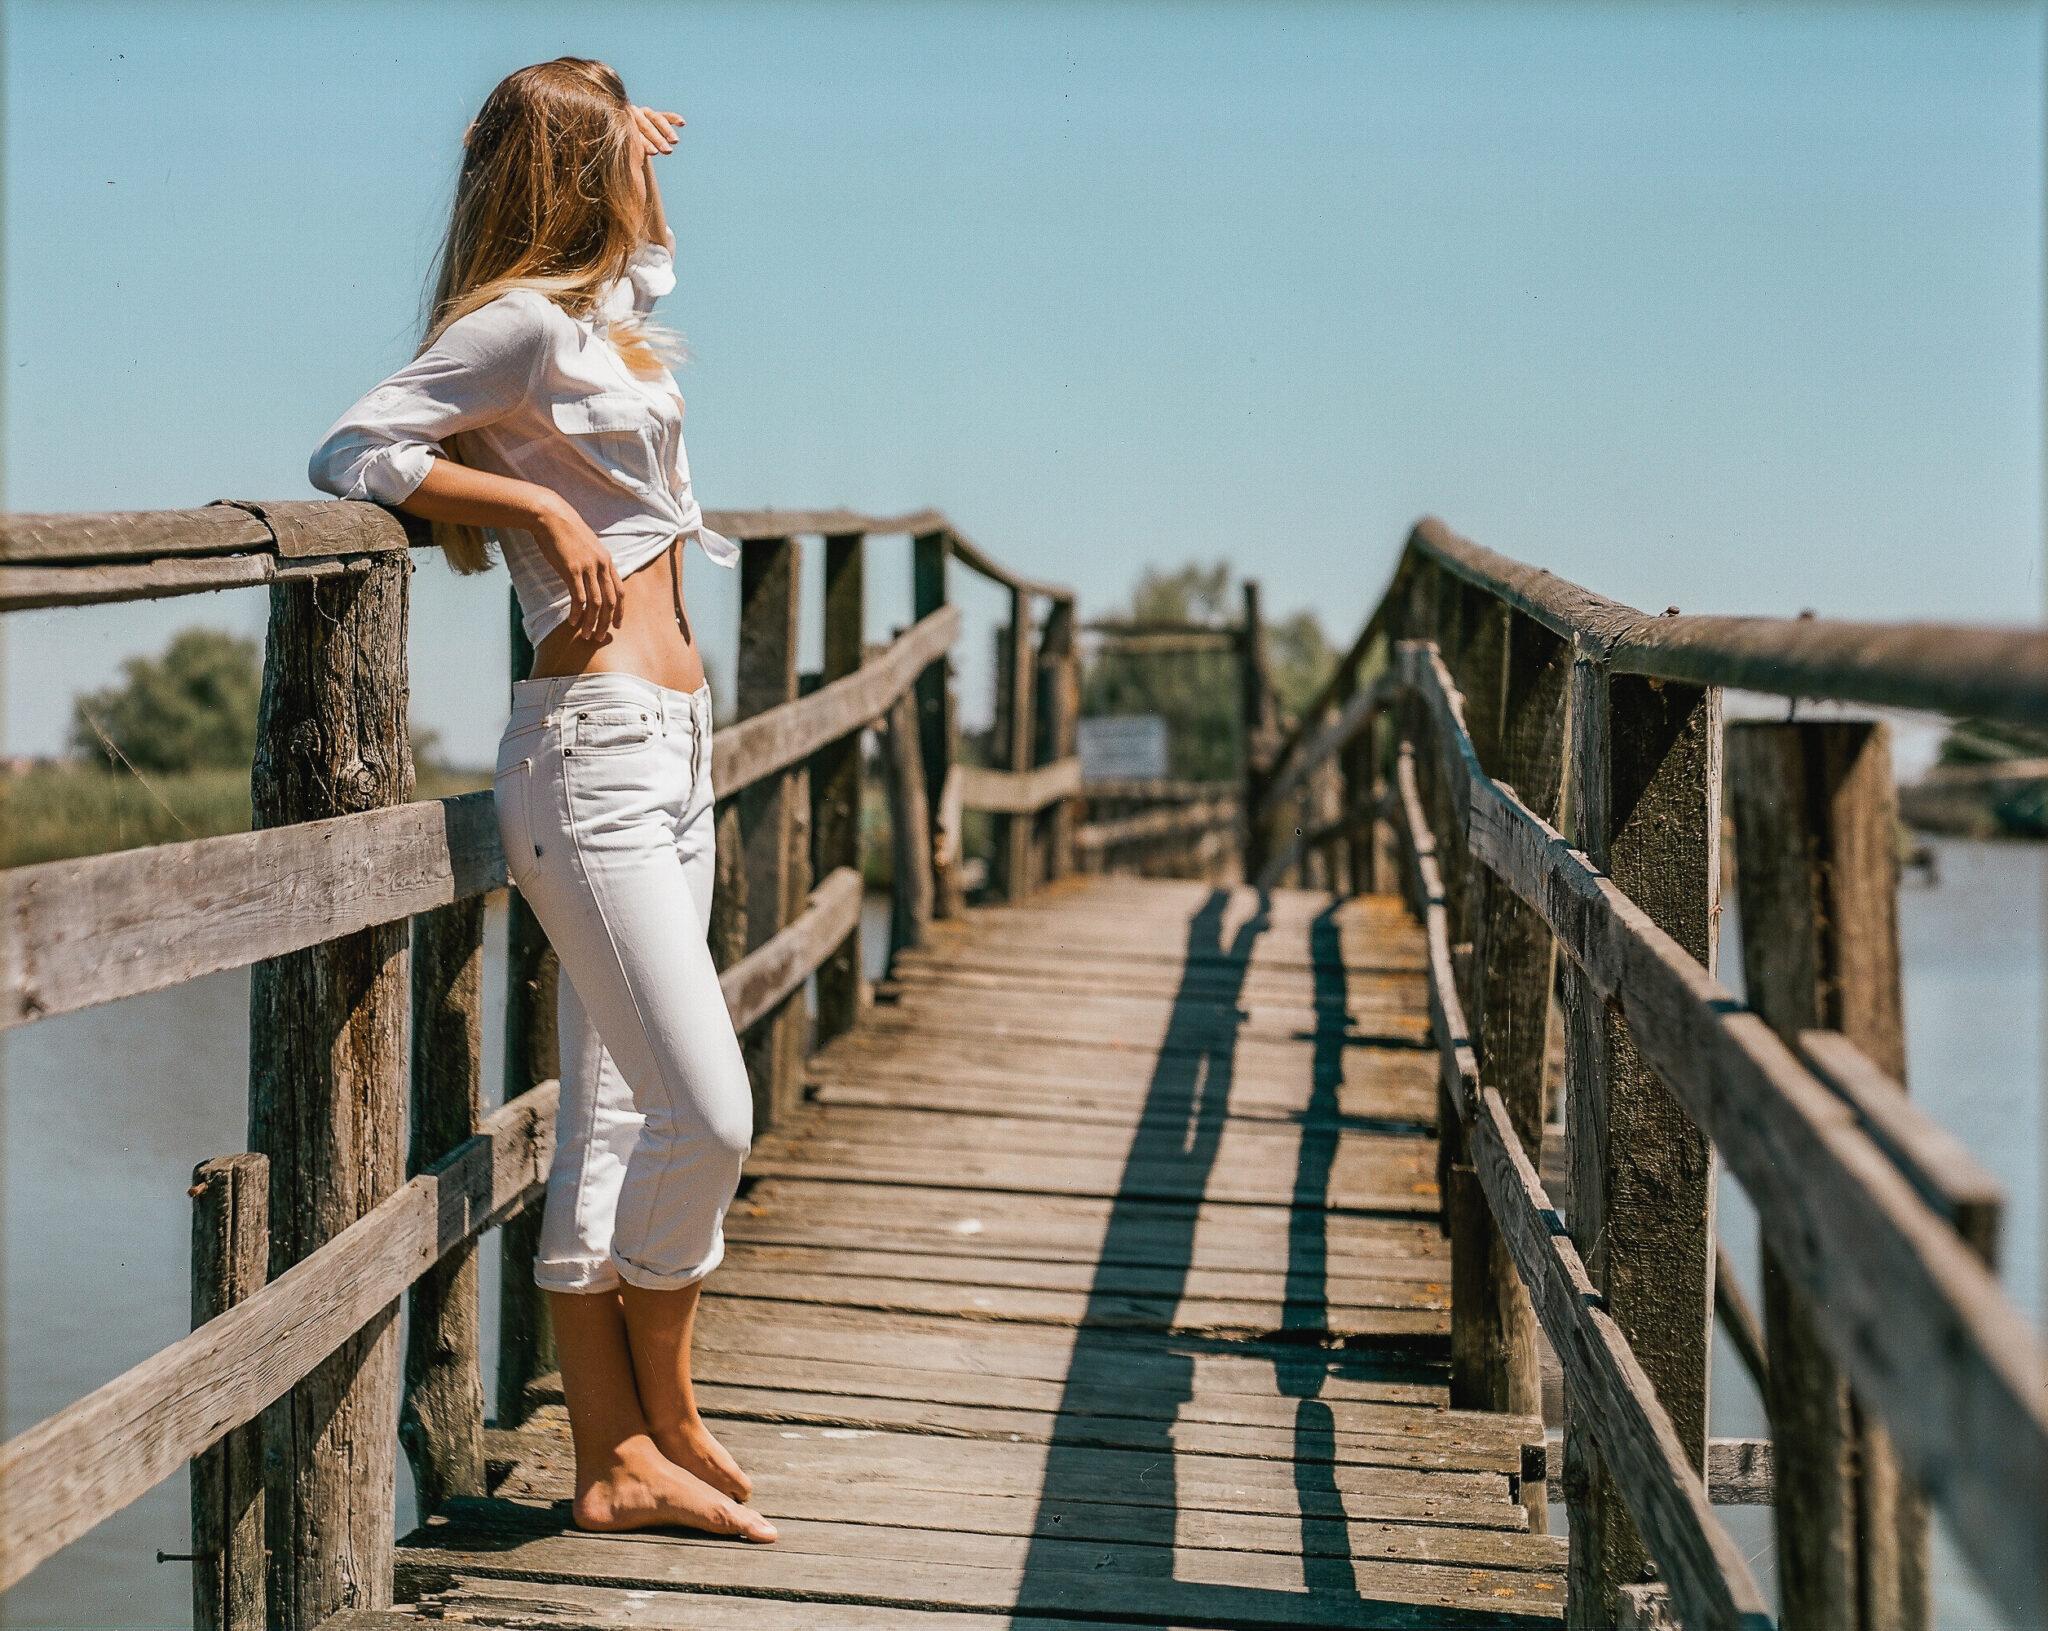 Modella con camicia bianca annodata e jeans bianchi su un ponte, guarda lontano, fotografia analogica